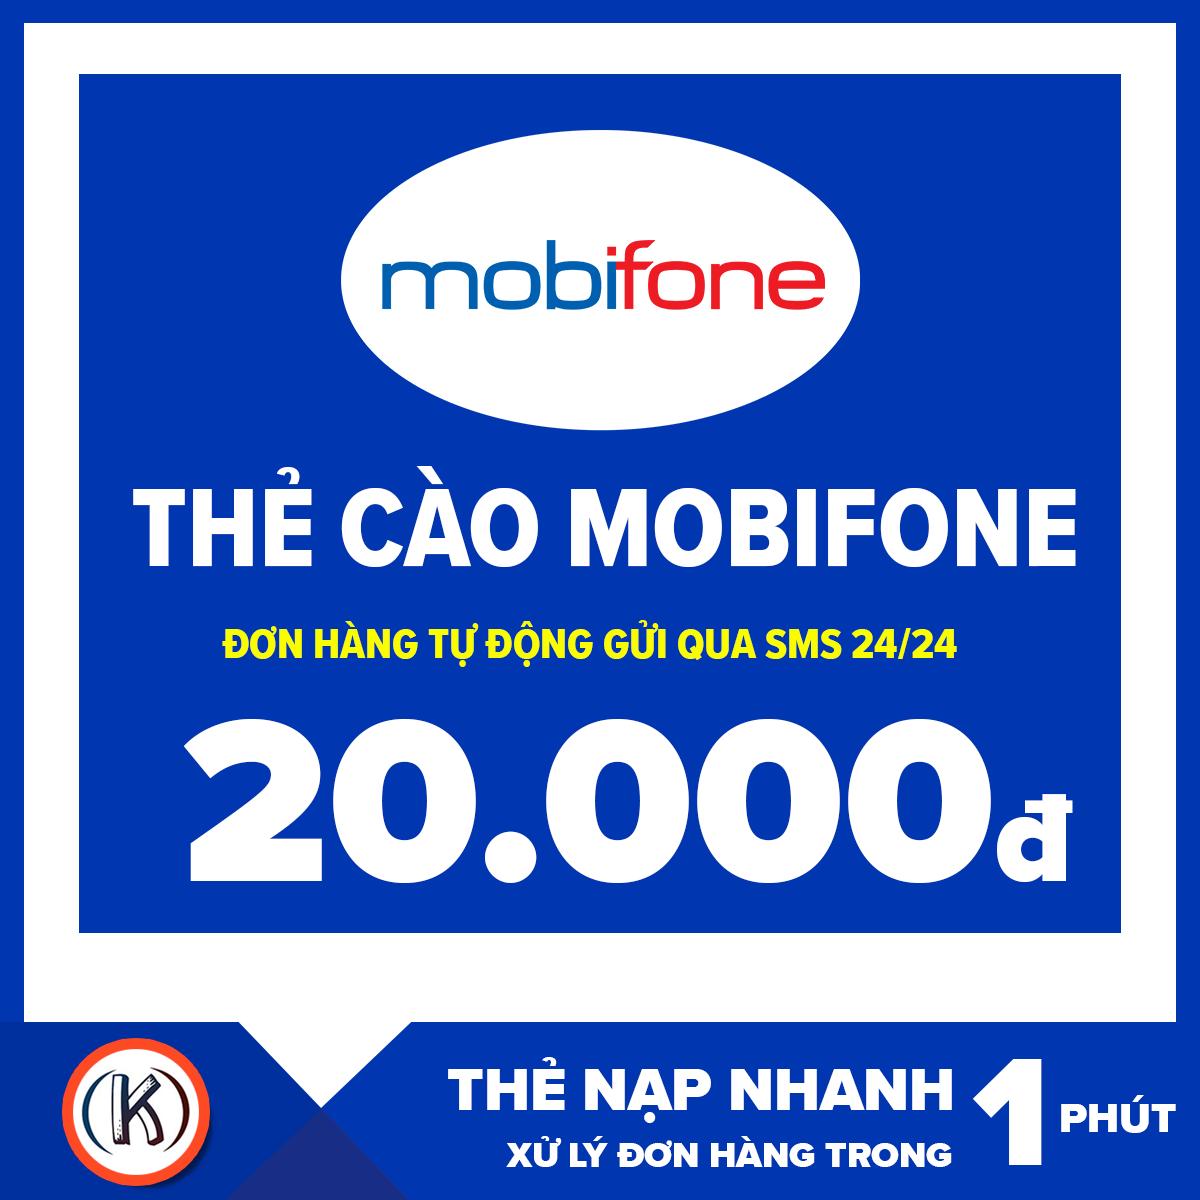 [HCM]Thẻ cào mobifone 20.000đ (Đơn hàng tự động gửi qua Email 24/24)